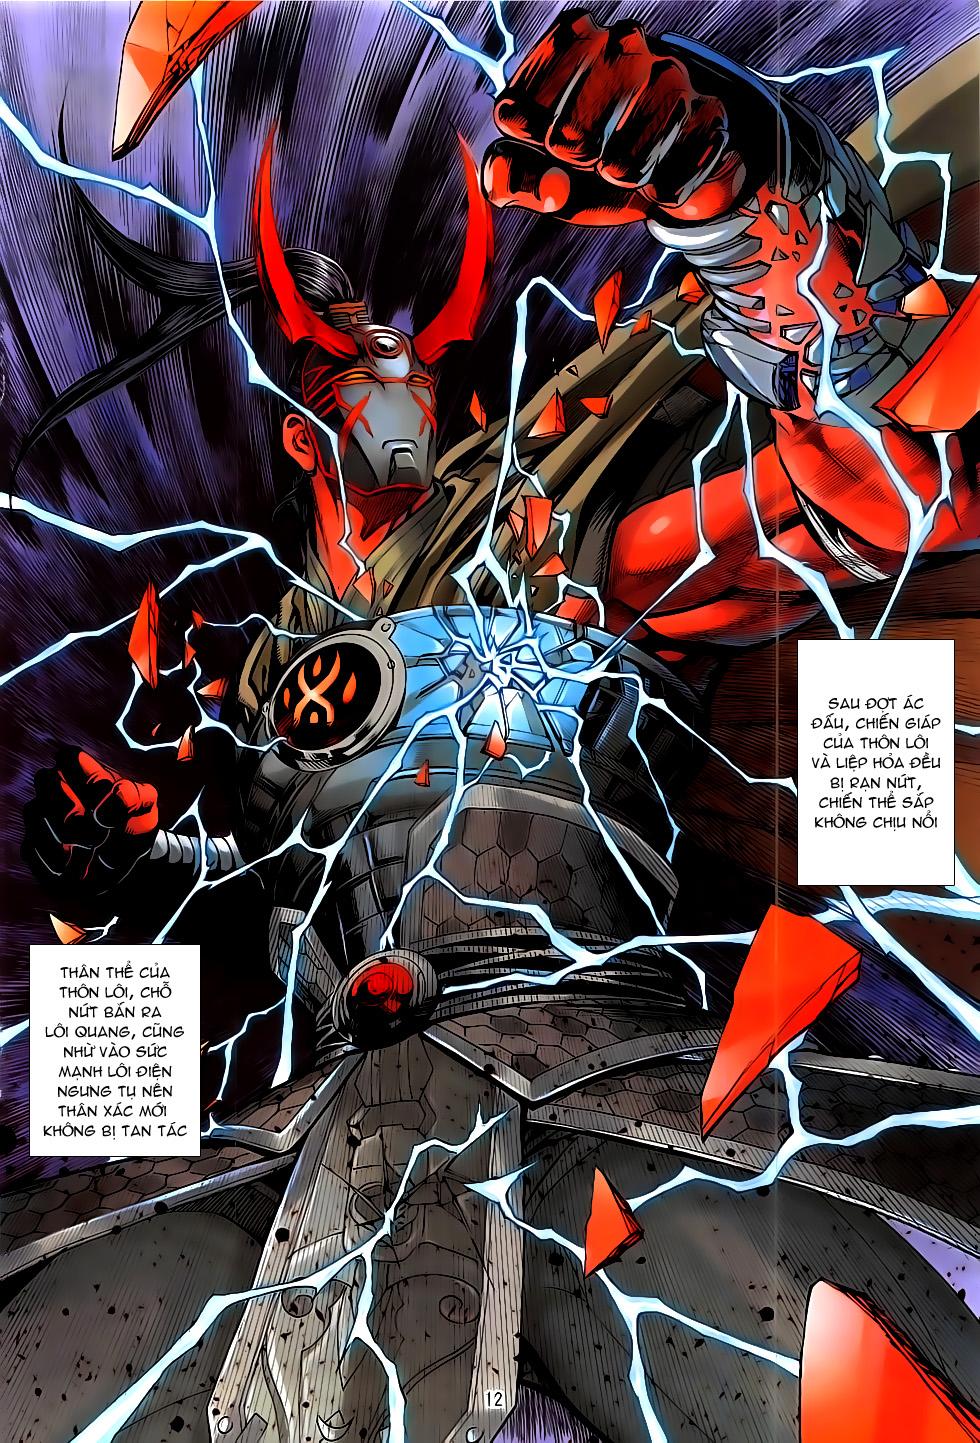 Chiến Phổ chap 19 - Trang 12